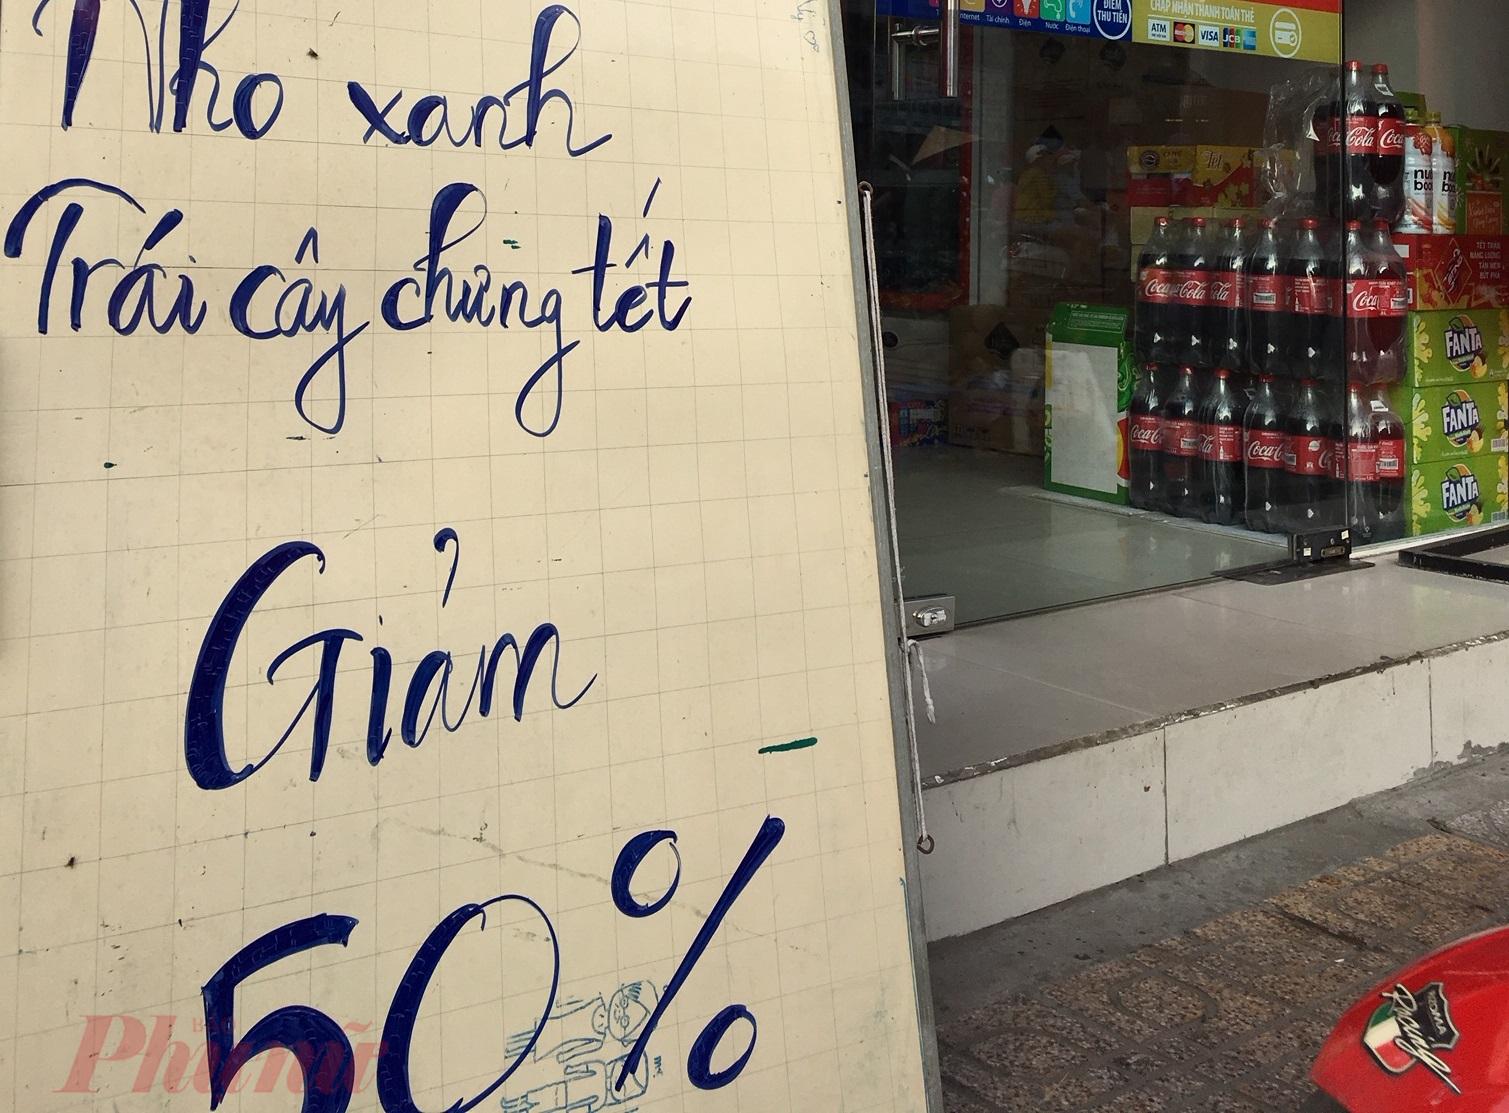 Các cửa hàng tiện lợi cũng giảm giá mạnh các nhóm hàng tiêu dùng, trái cây nhập khẩu